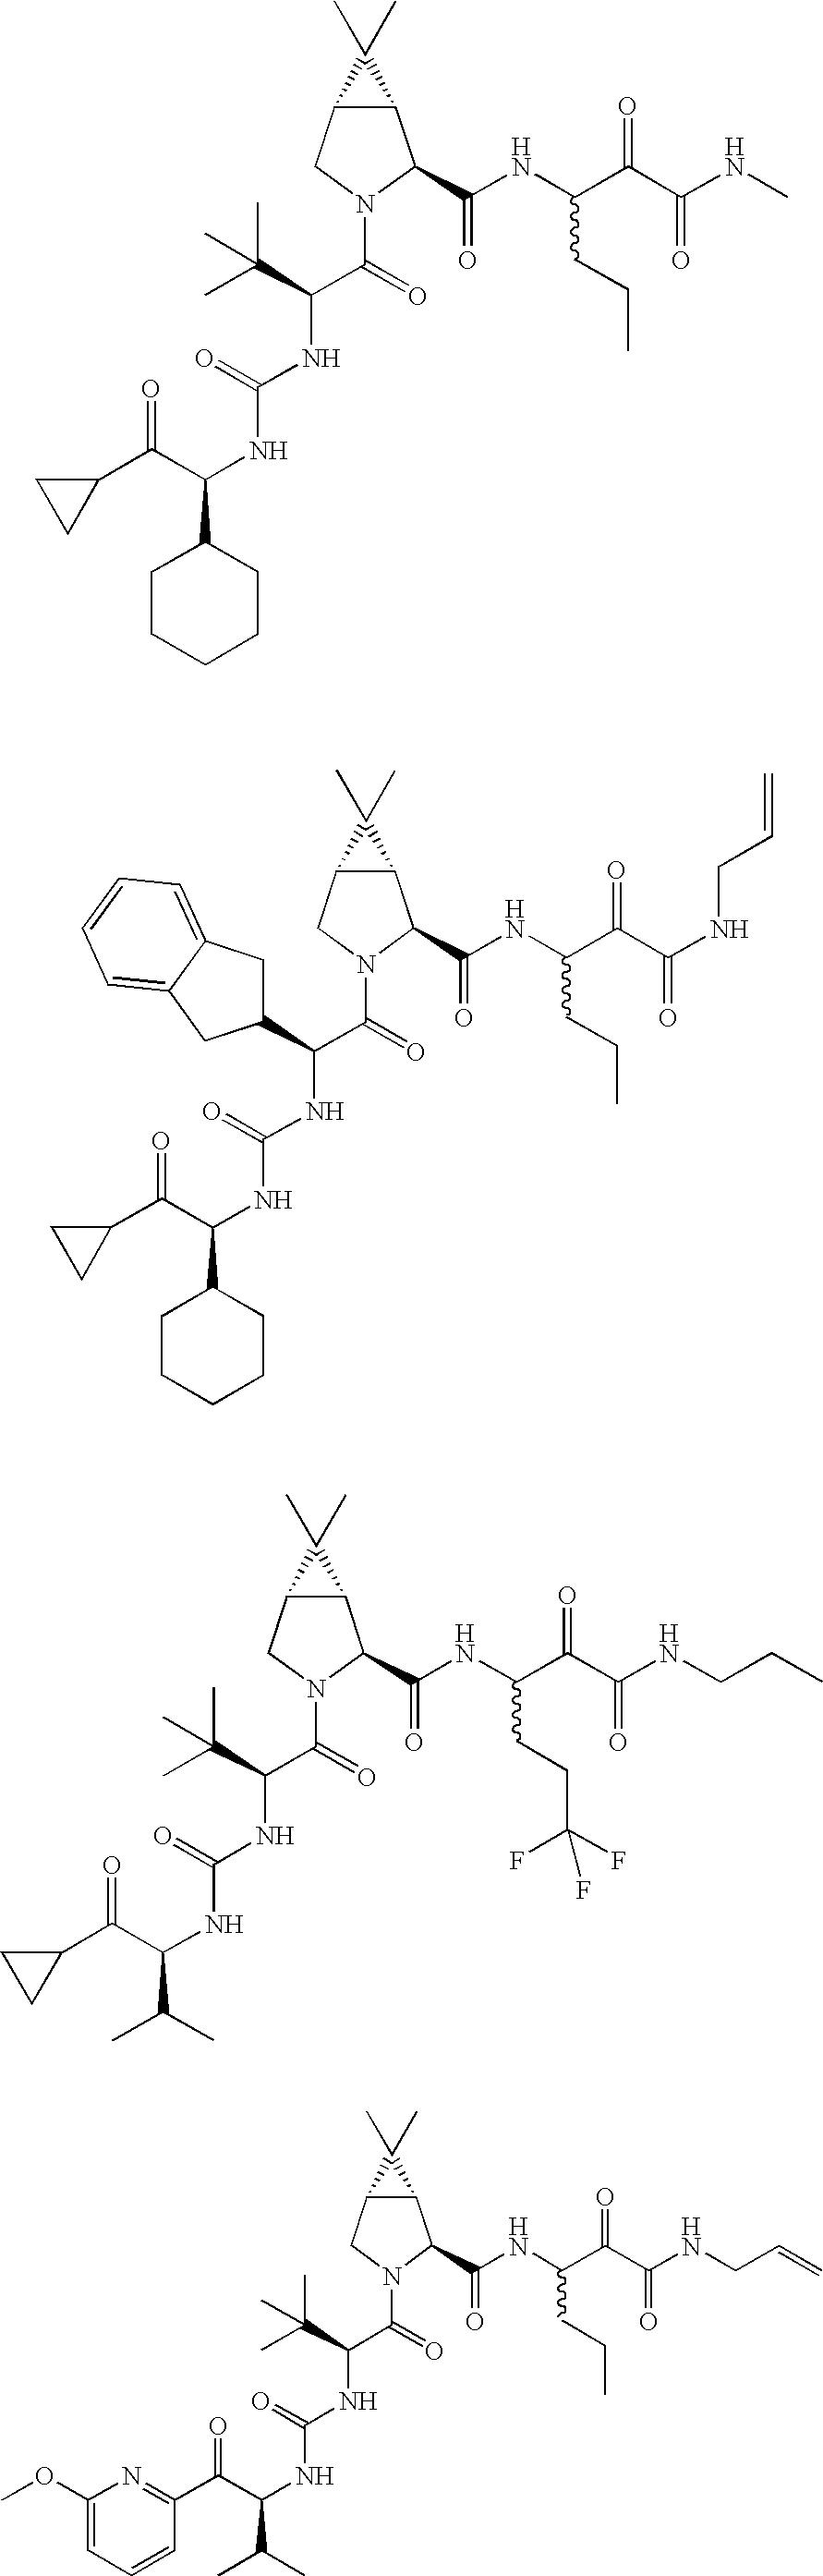 Figure US20060287248A1-20061221-C00238